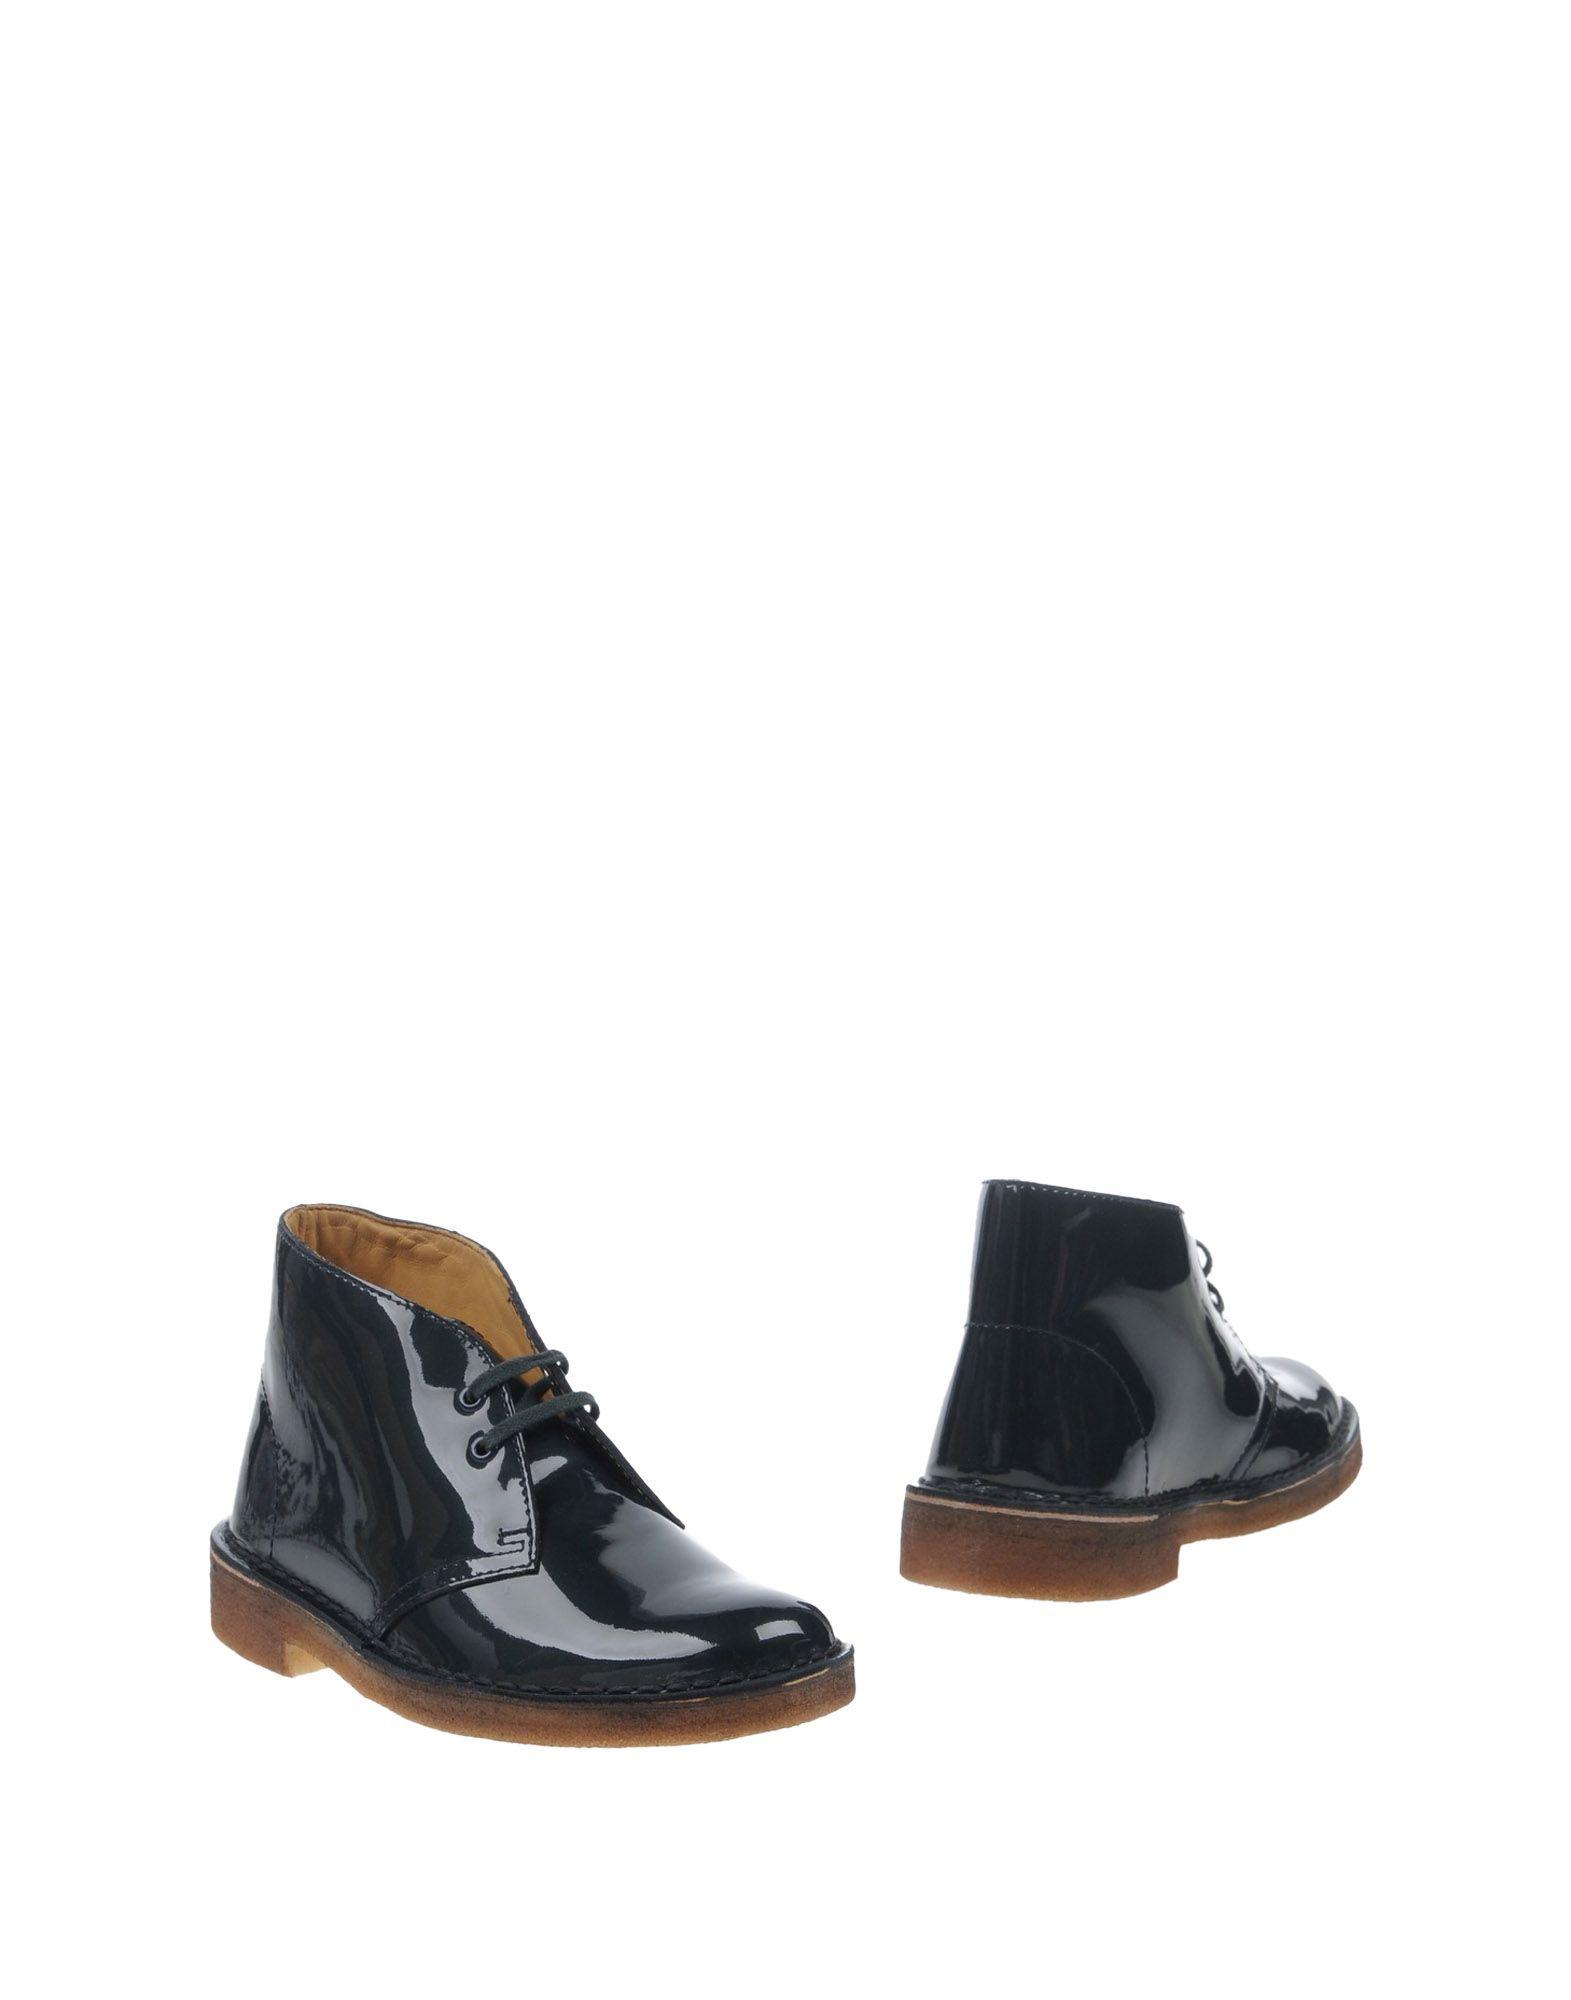 CLARKS ORIGINALS Полусапоги и высокие ботинки цены онлайн